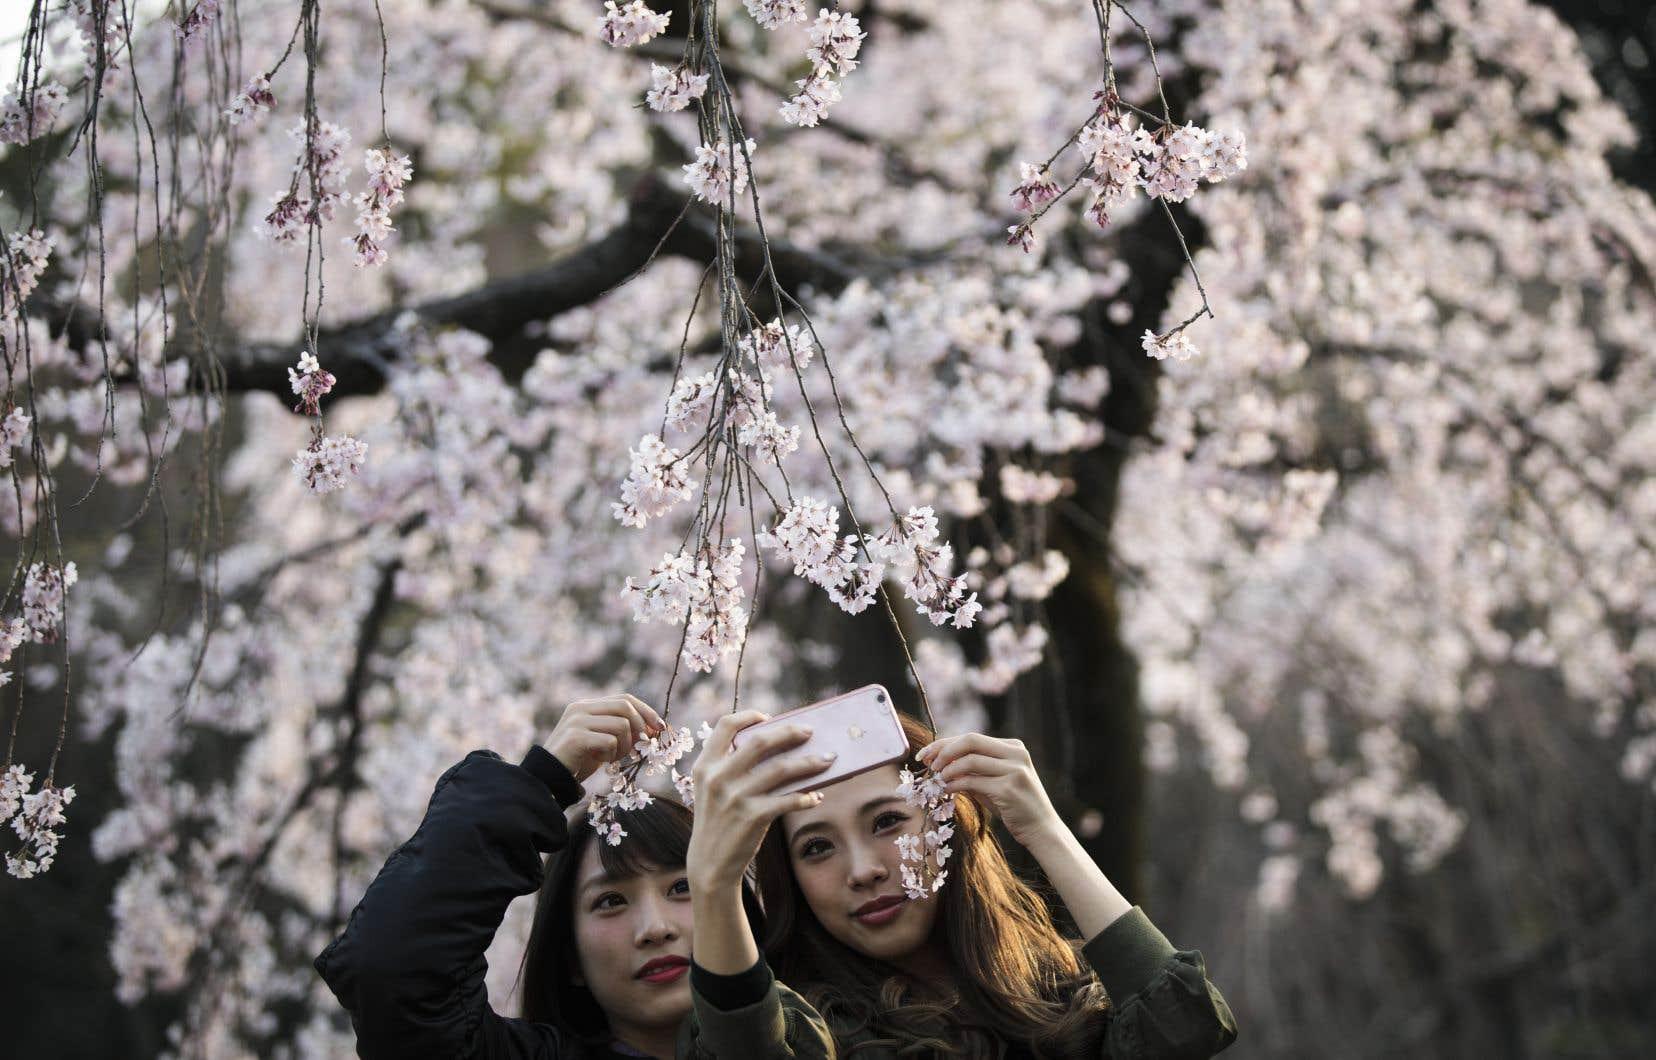 Un hommage sensible à un certain Japon, empreint de délicatesse et de douceur. Il existe un autre Japon, mais l'écrivaine a choisi de le laisser à d'autres.